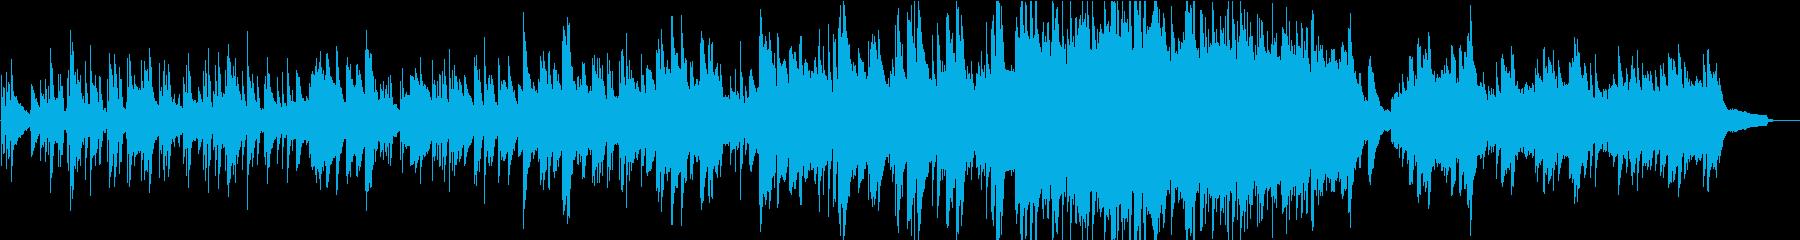 透明感のあるピアノの再生済みの波形